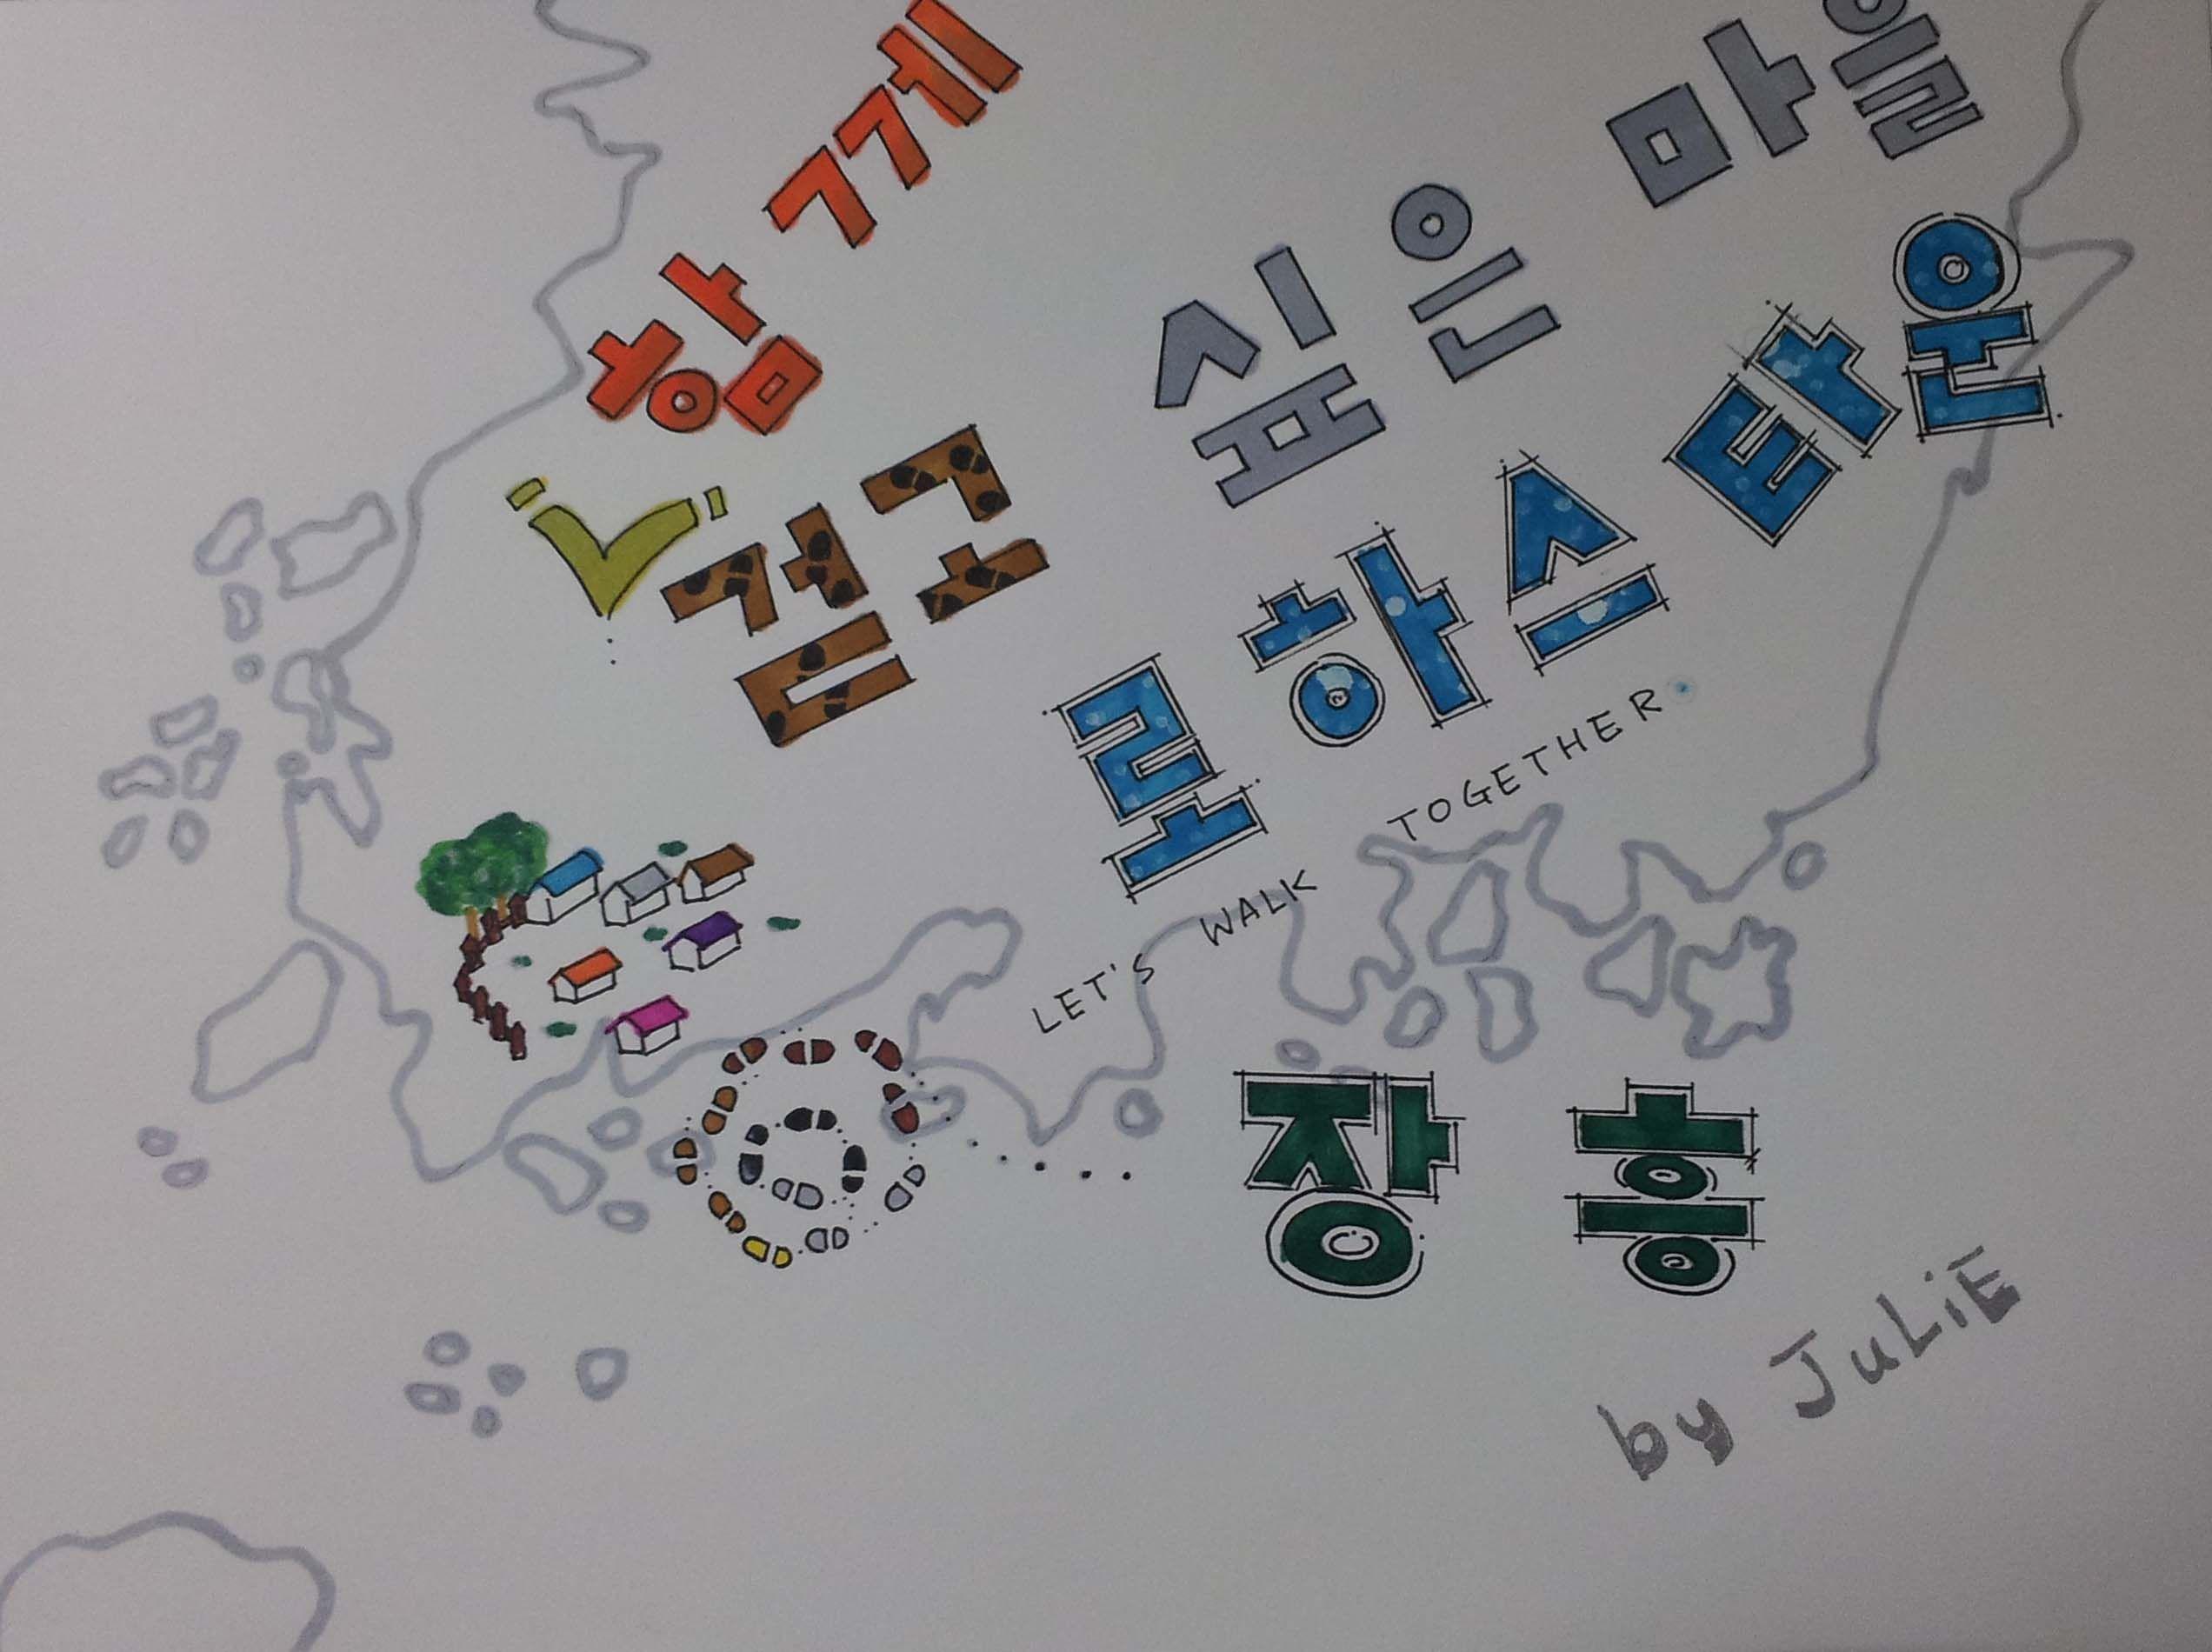 함께 걷고 싶은 마을.  산, 바다, 강이 모두 있는 정남진 장흥 로하스 타운을 걸어보세요.     비주얼스토리텔링: www.glifeshop.co.kr